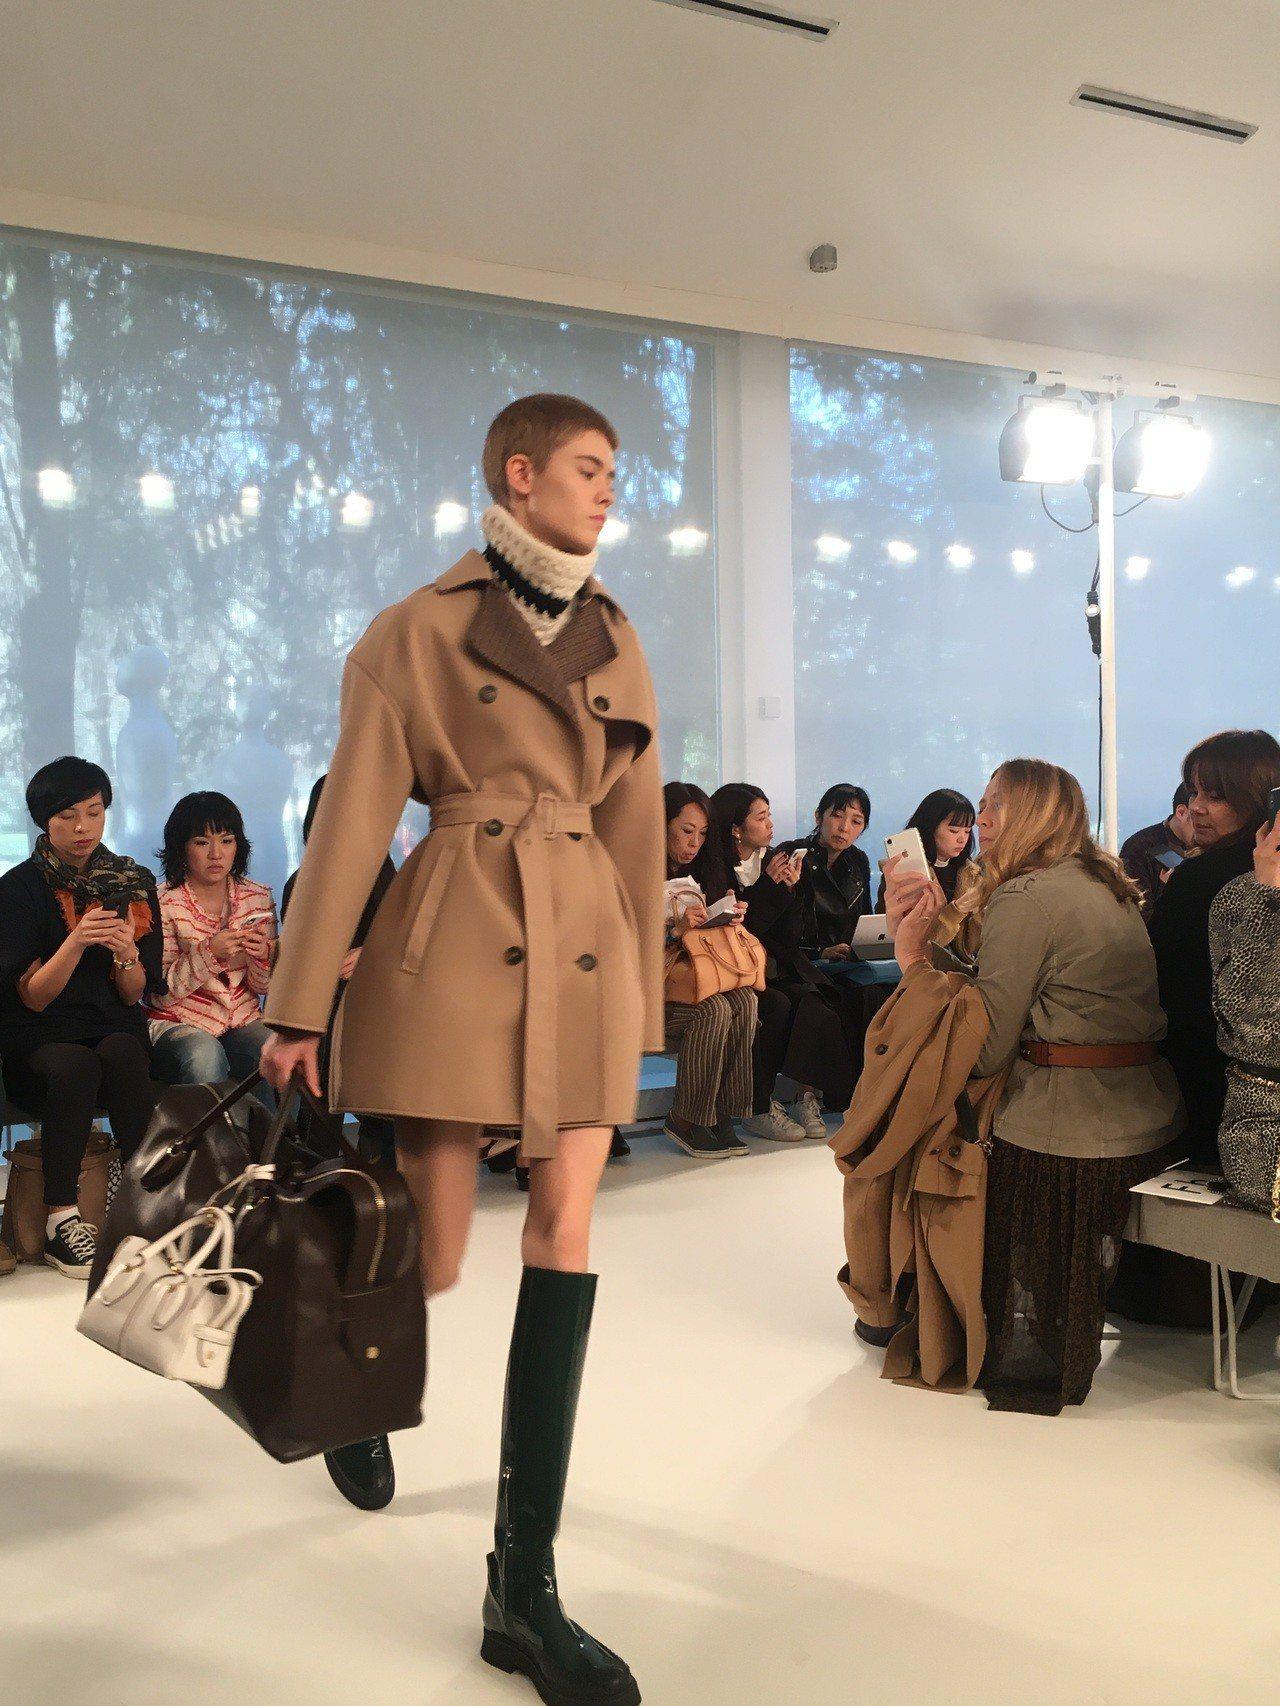 大包外裝飾一個迷你包款,也呼應近來掀起的新一波「小包變大包配件」的潮流。粗高跟鞋...